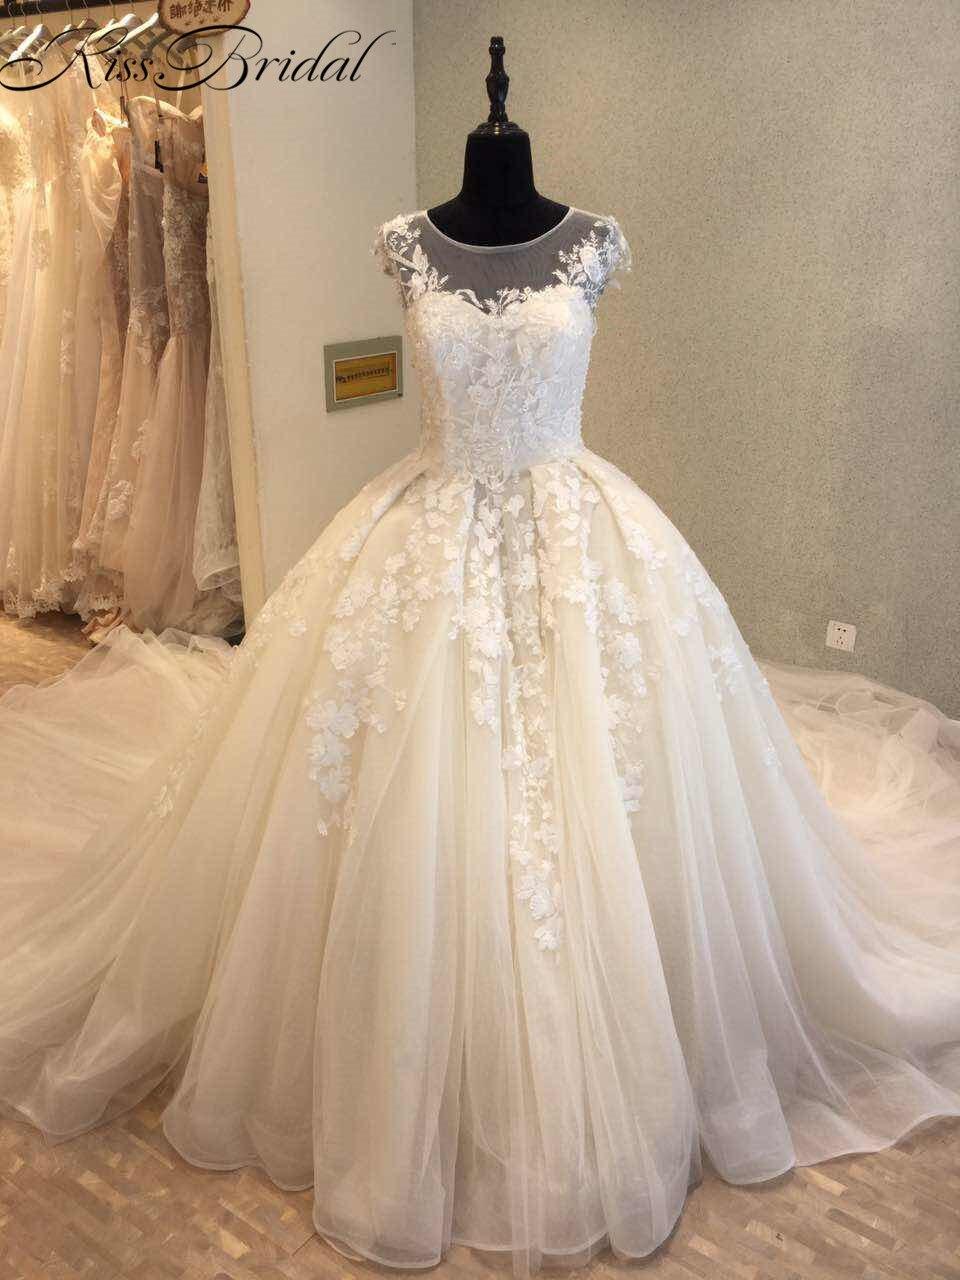 Robes de mariée de luxe 2018 nouveauté robe de mariée en dentelle Vintage Train Royal sans manches robe de mariée a-ligne